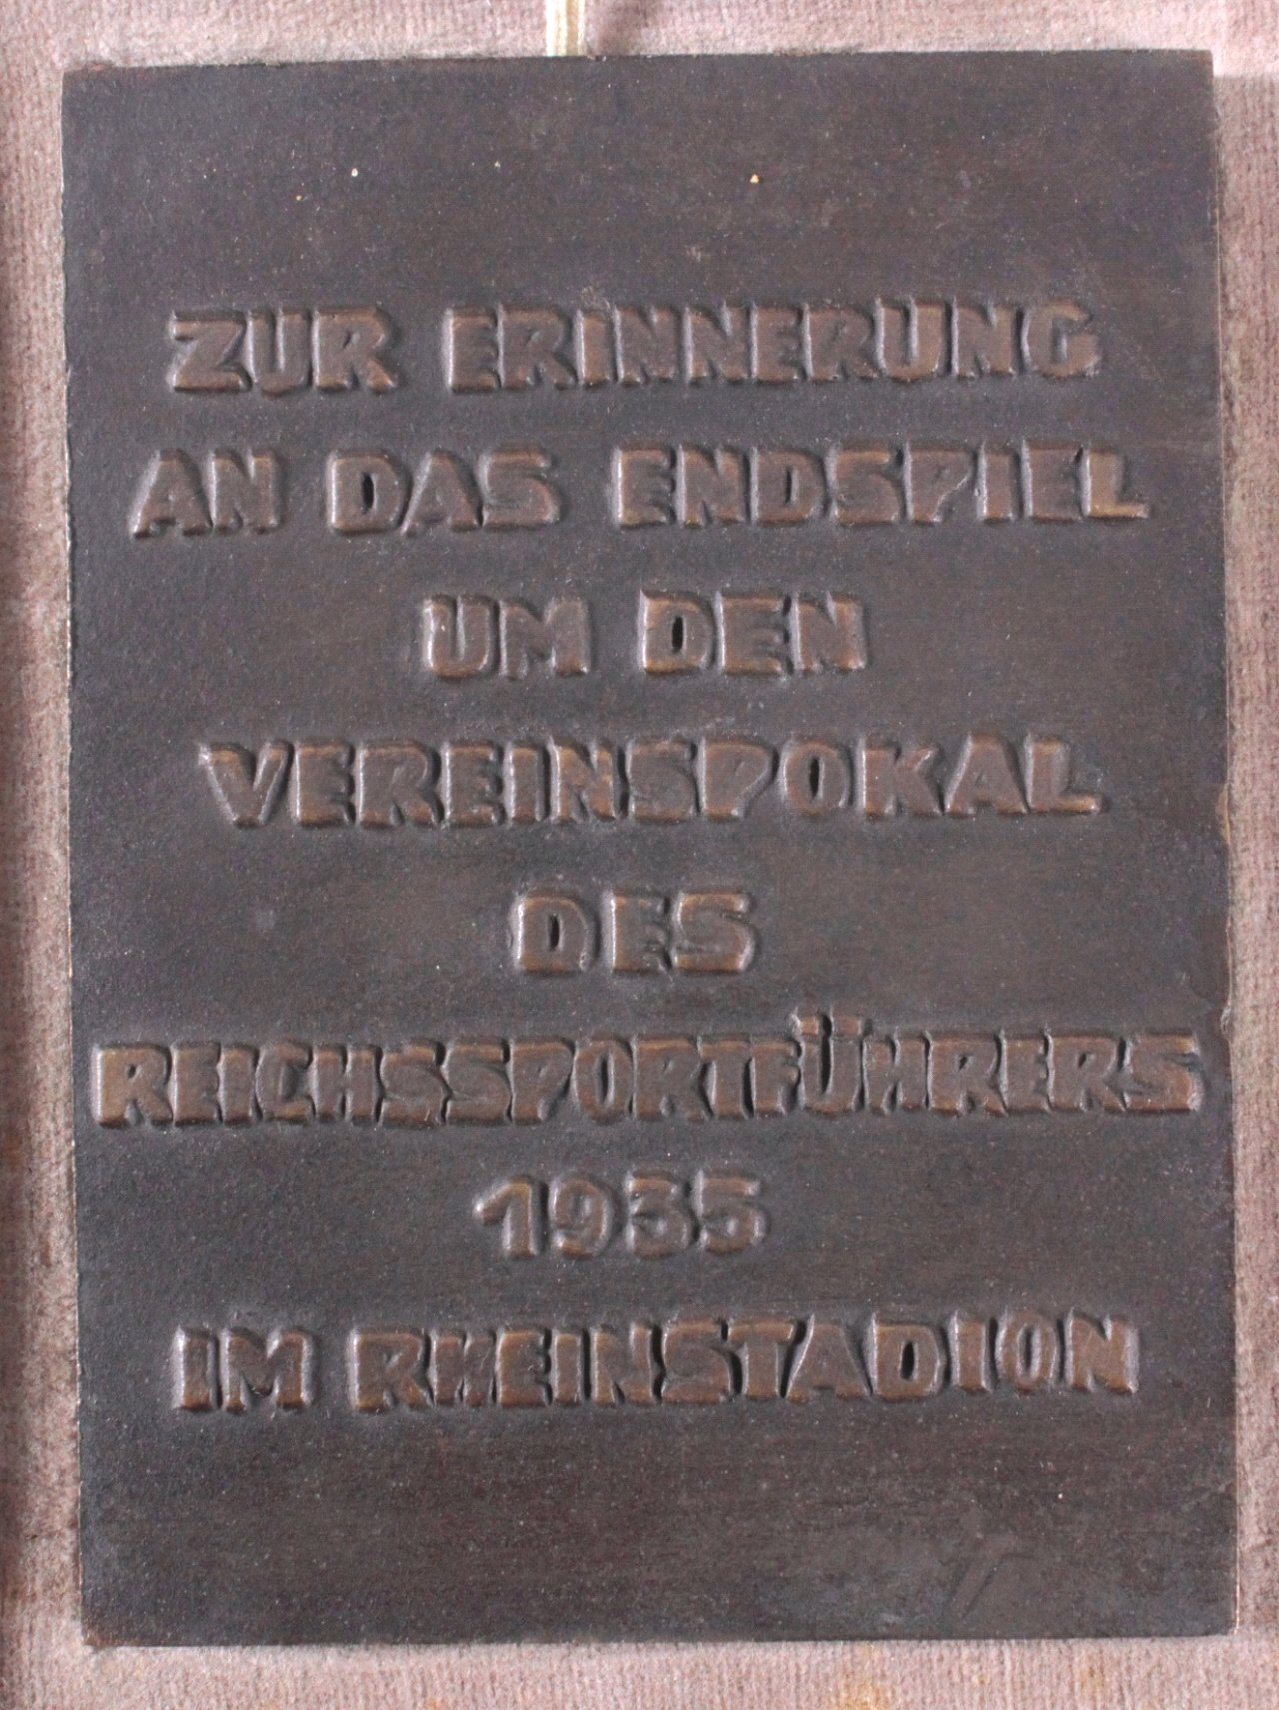 Bronzeplakette Düsseldorf 1935-1